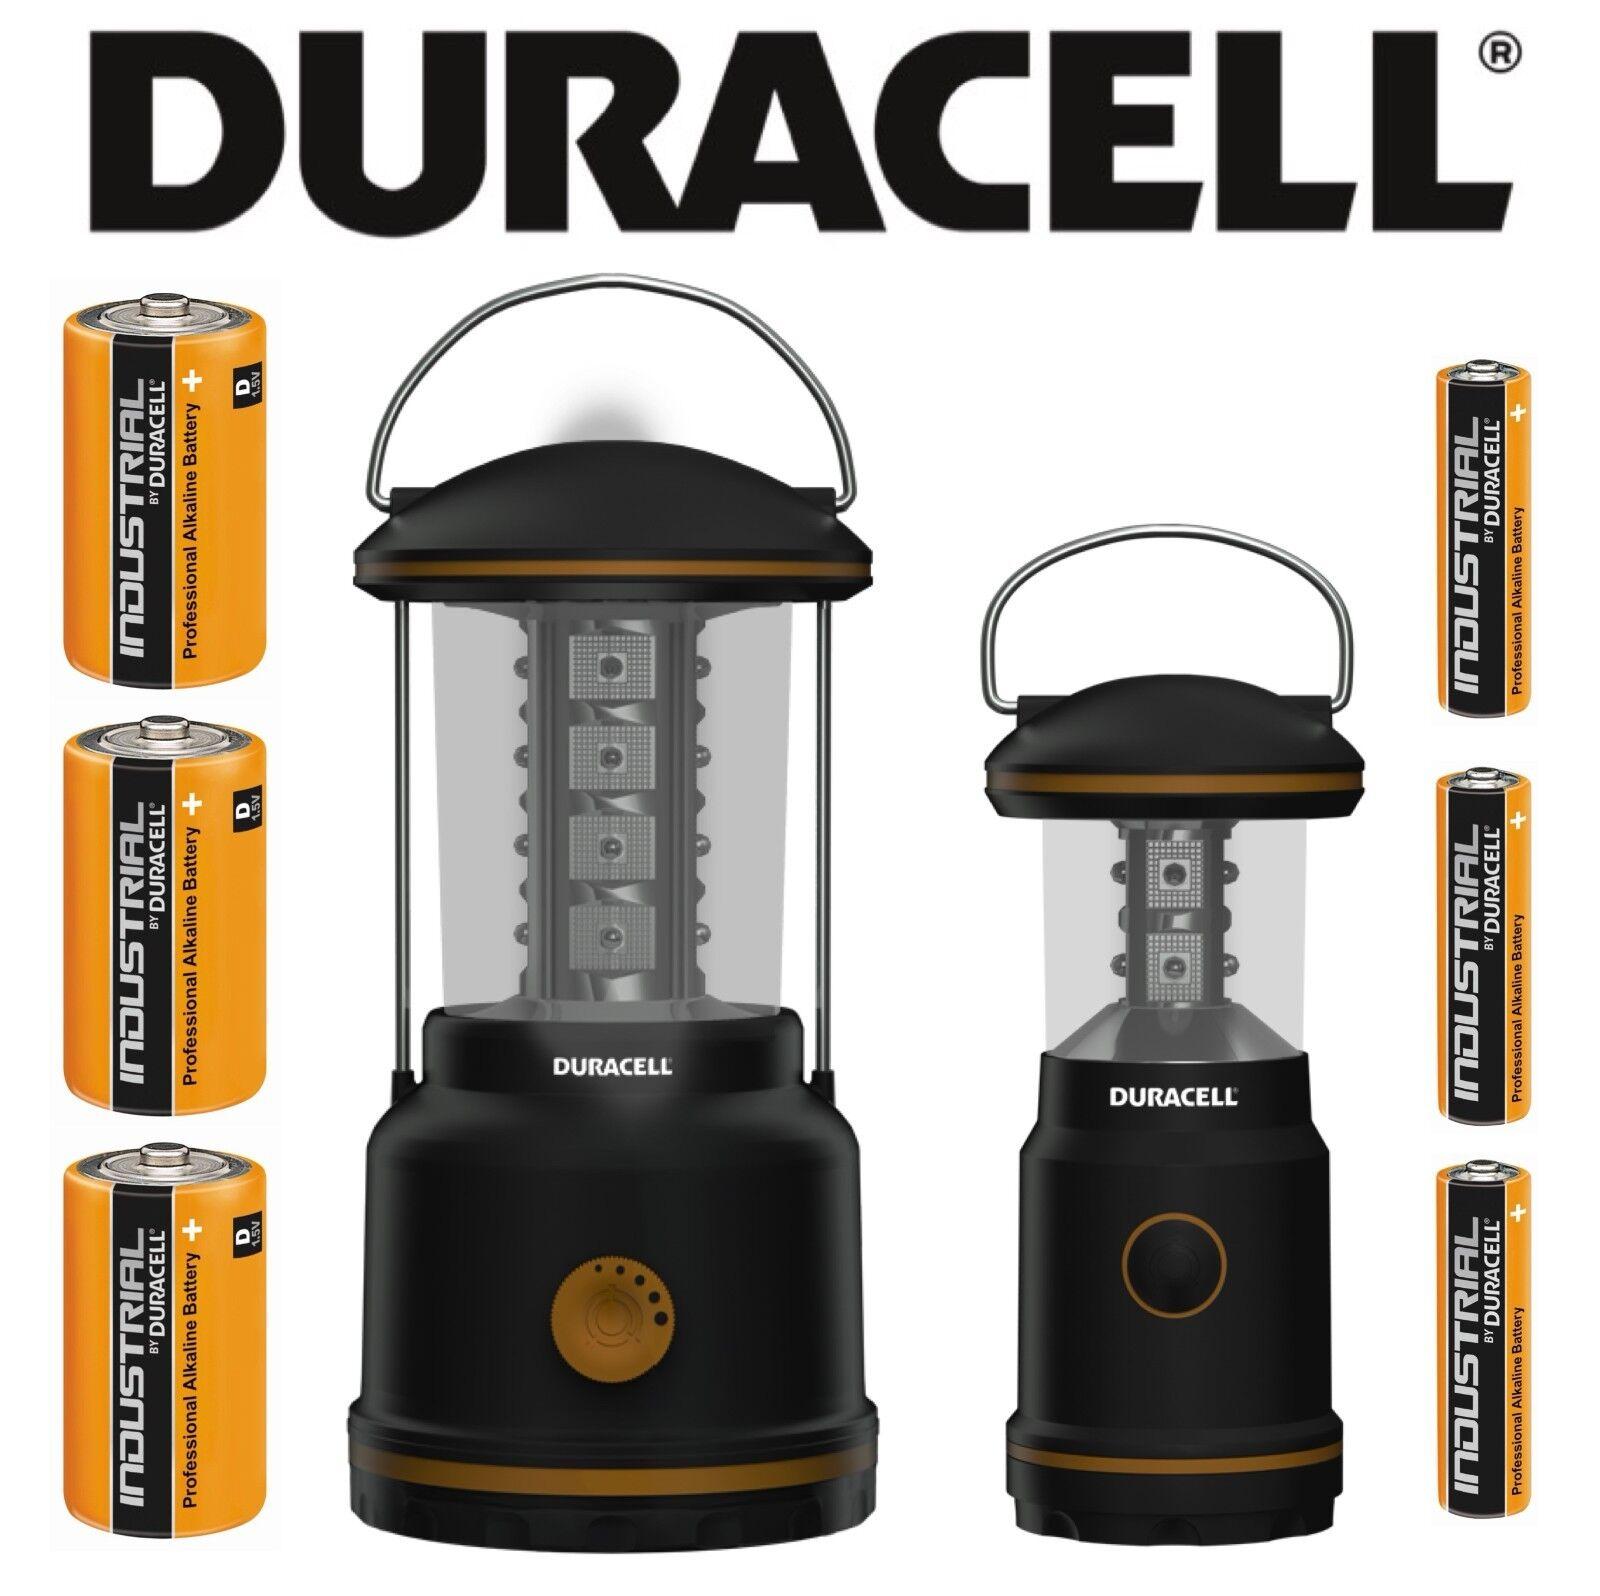 DURACELL Explorateur LED Extérieur Lampe de Camping Lanterne Lanterne Lanterne incl. batteries 53540a